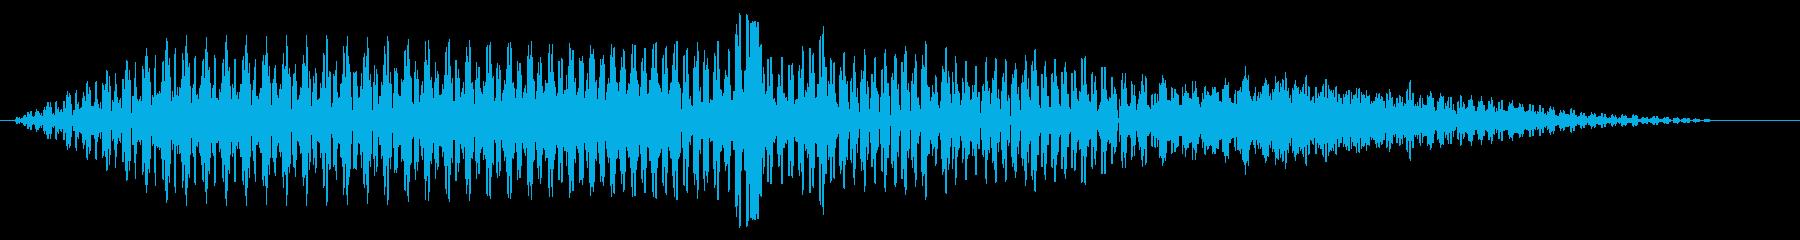 ブーン(車の通過音)の再生済みの波形